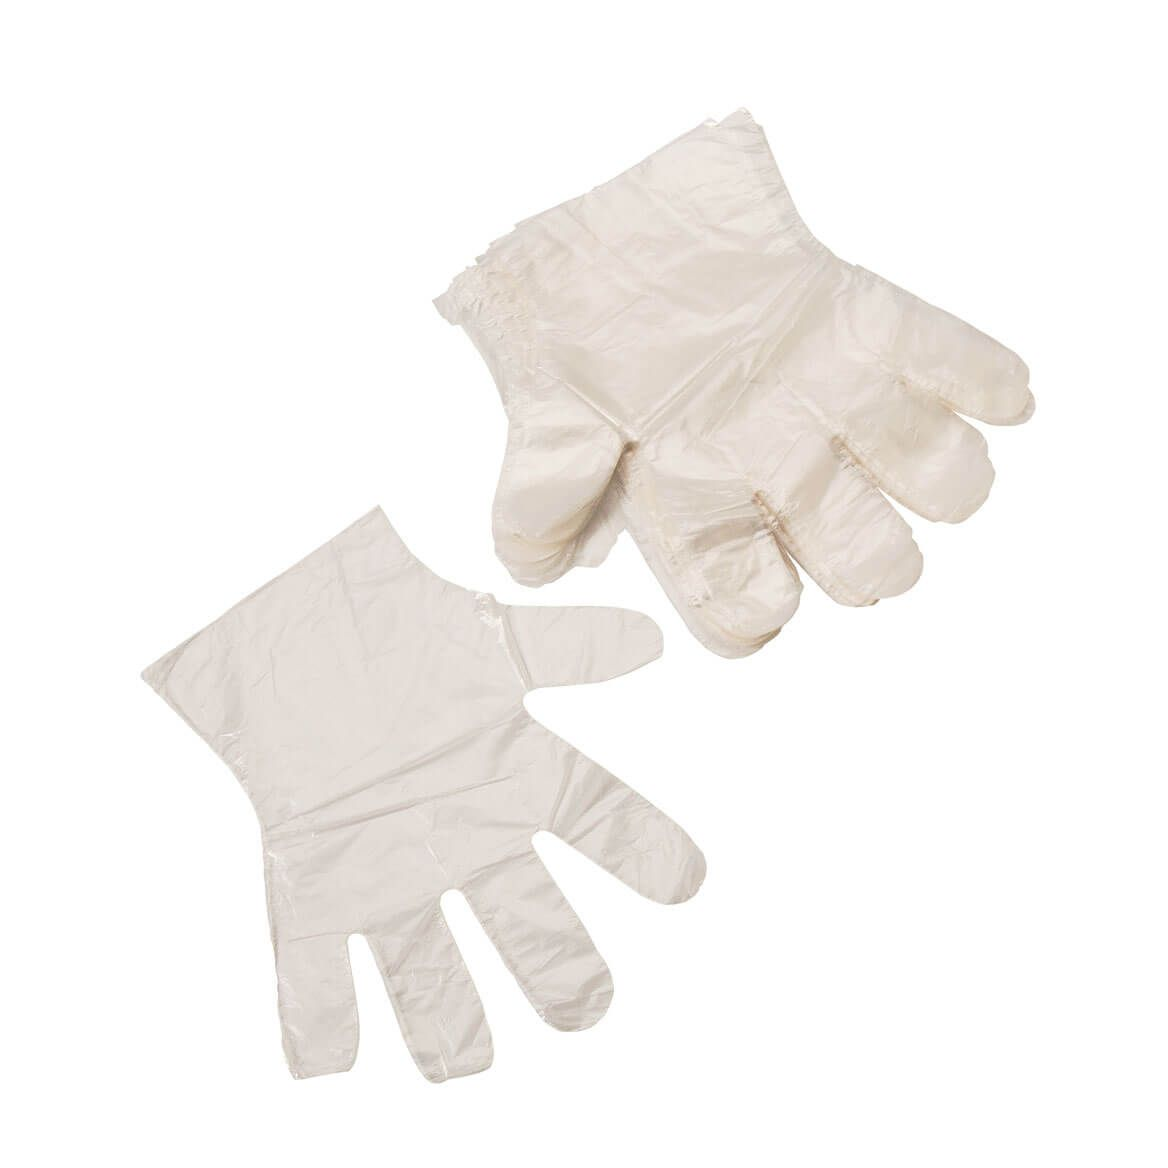 Plastic Gloves, Pack of 100-303212